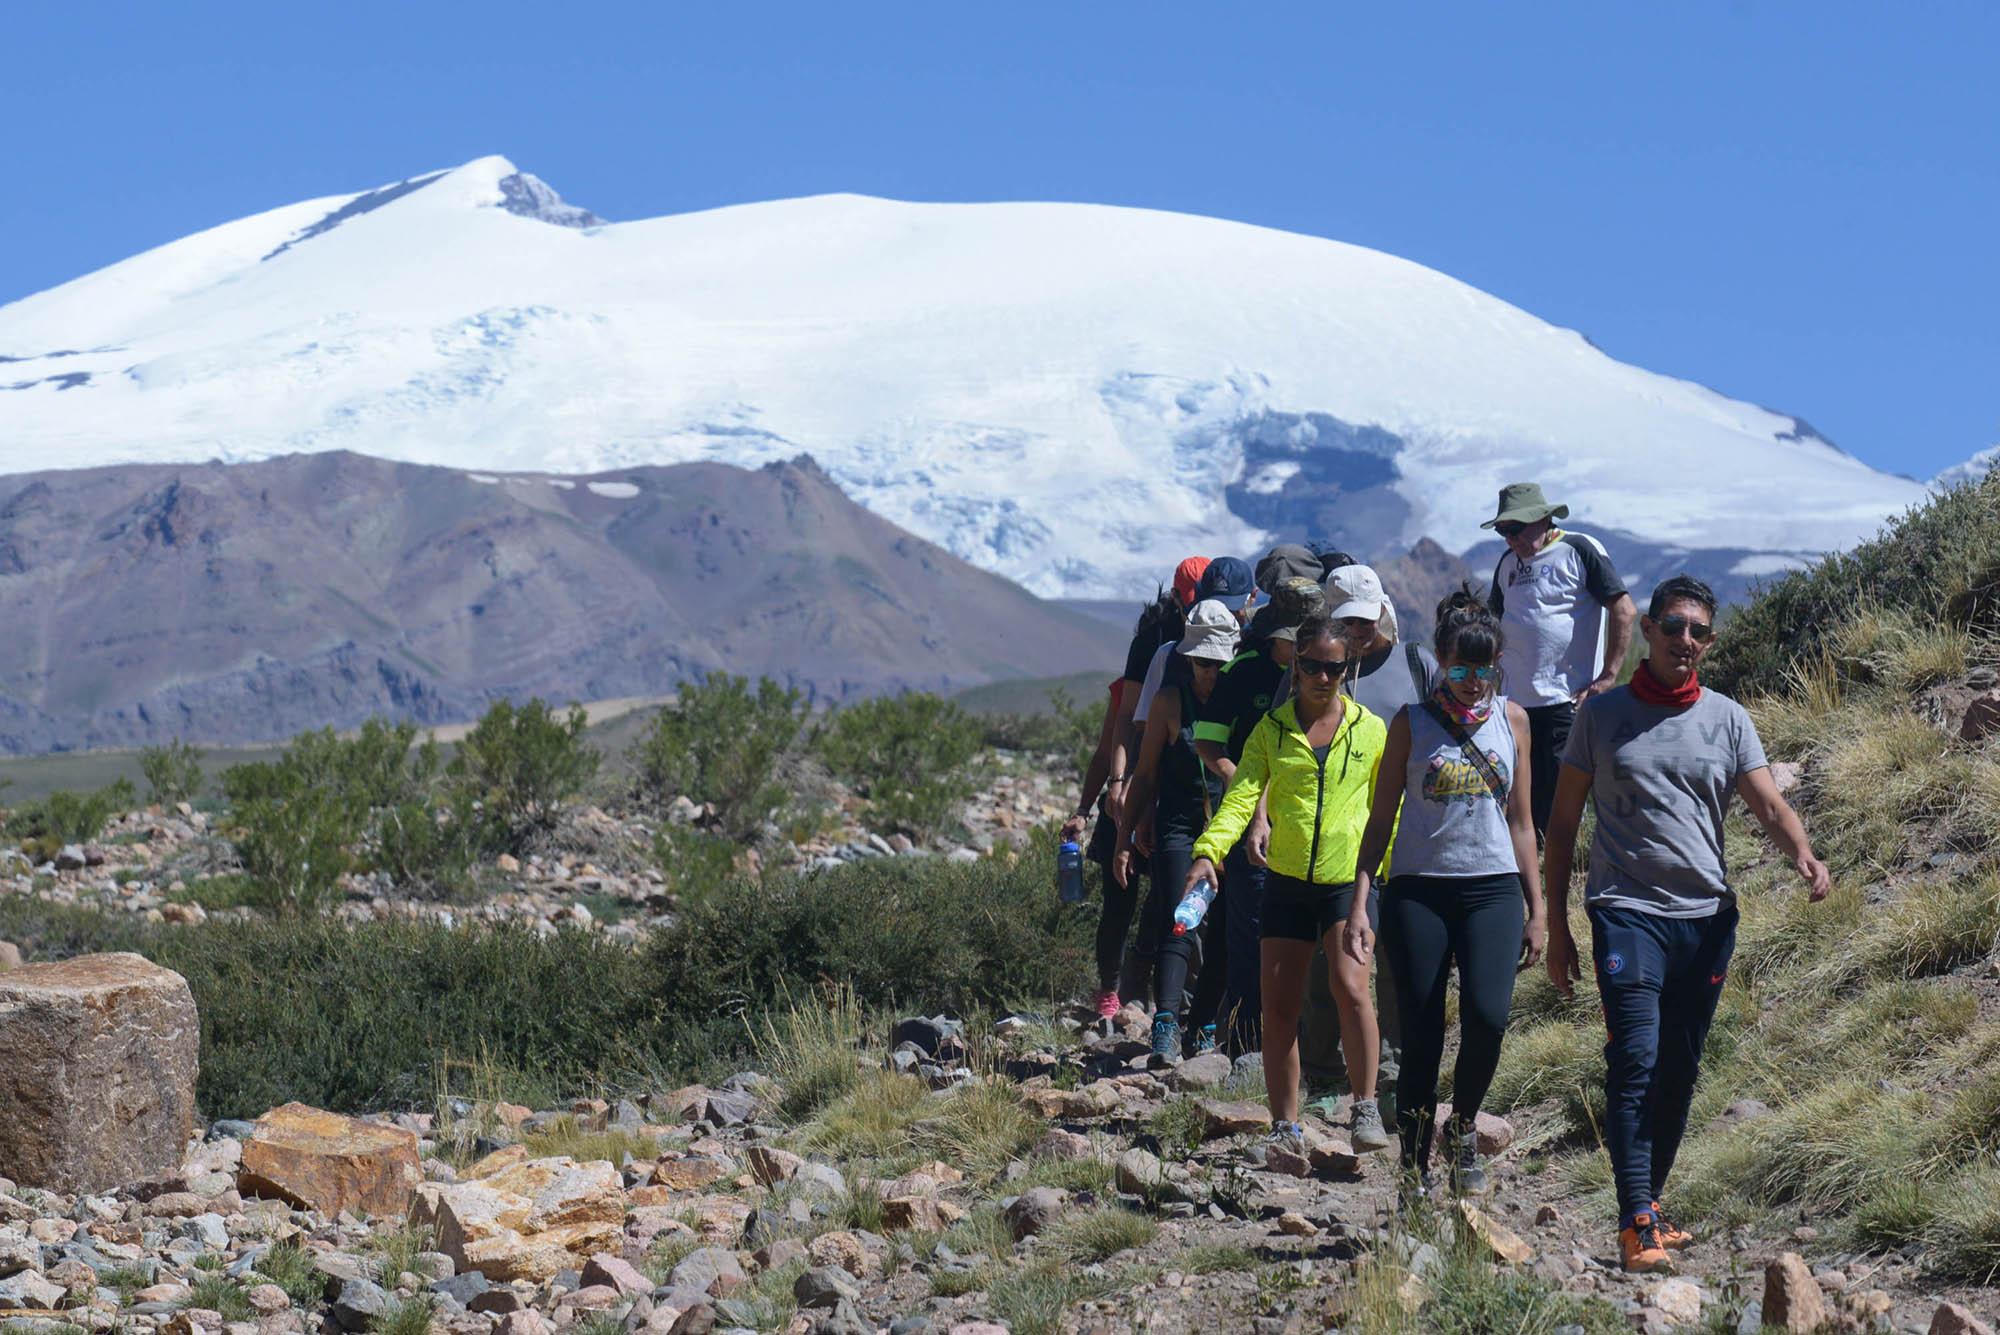 Cruce de los Andes. Jornadas a pleno sol en el corazón de la cordillera. (PH: Andrómeda agencia)